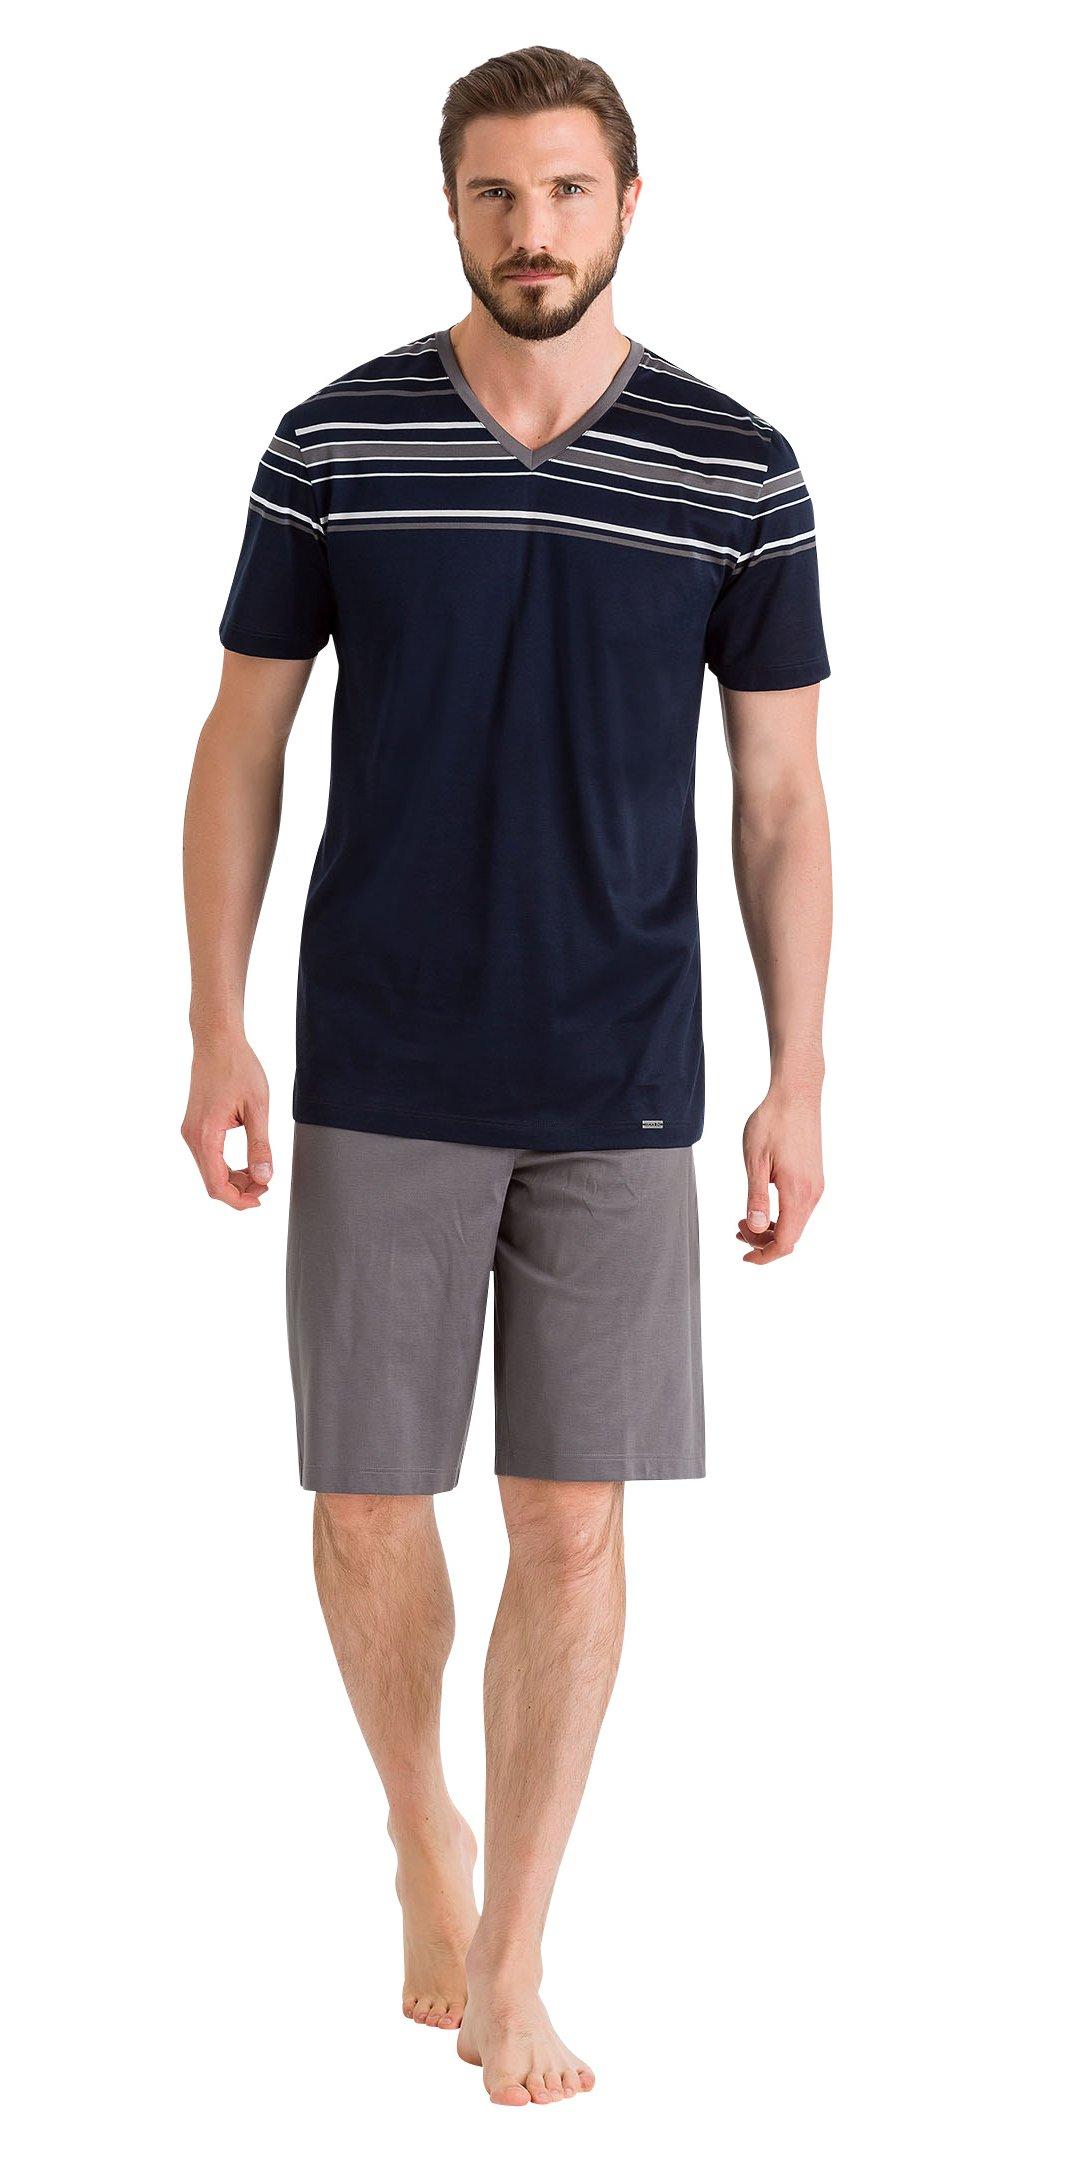 HANRO Men's Oliver Short Sleeve V-Neck Pajama Set, Diverse Stripe/Castlerock, Large